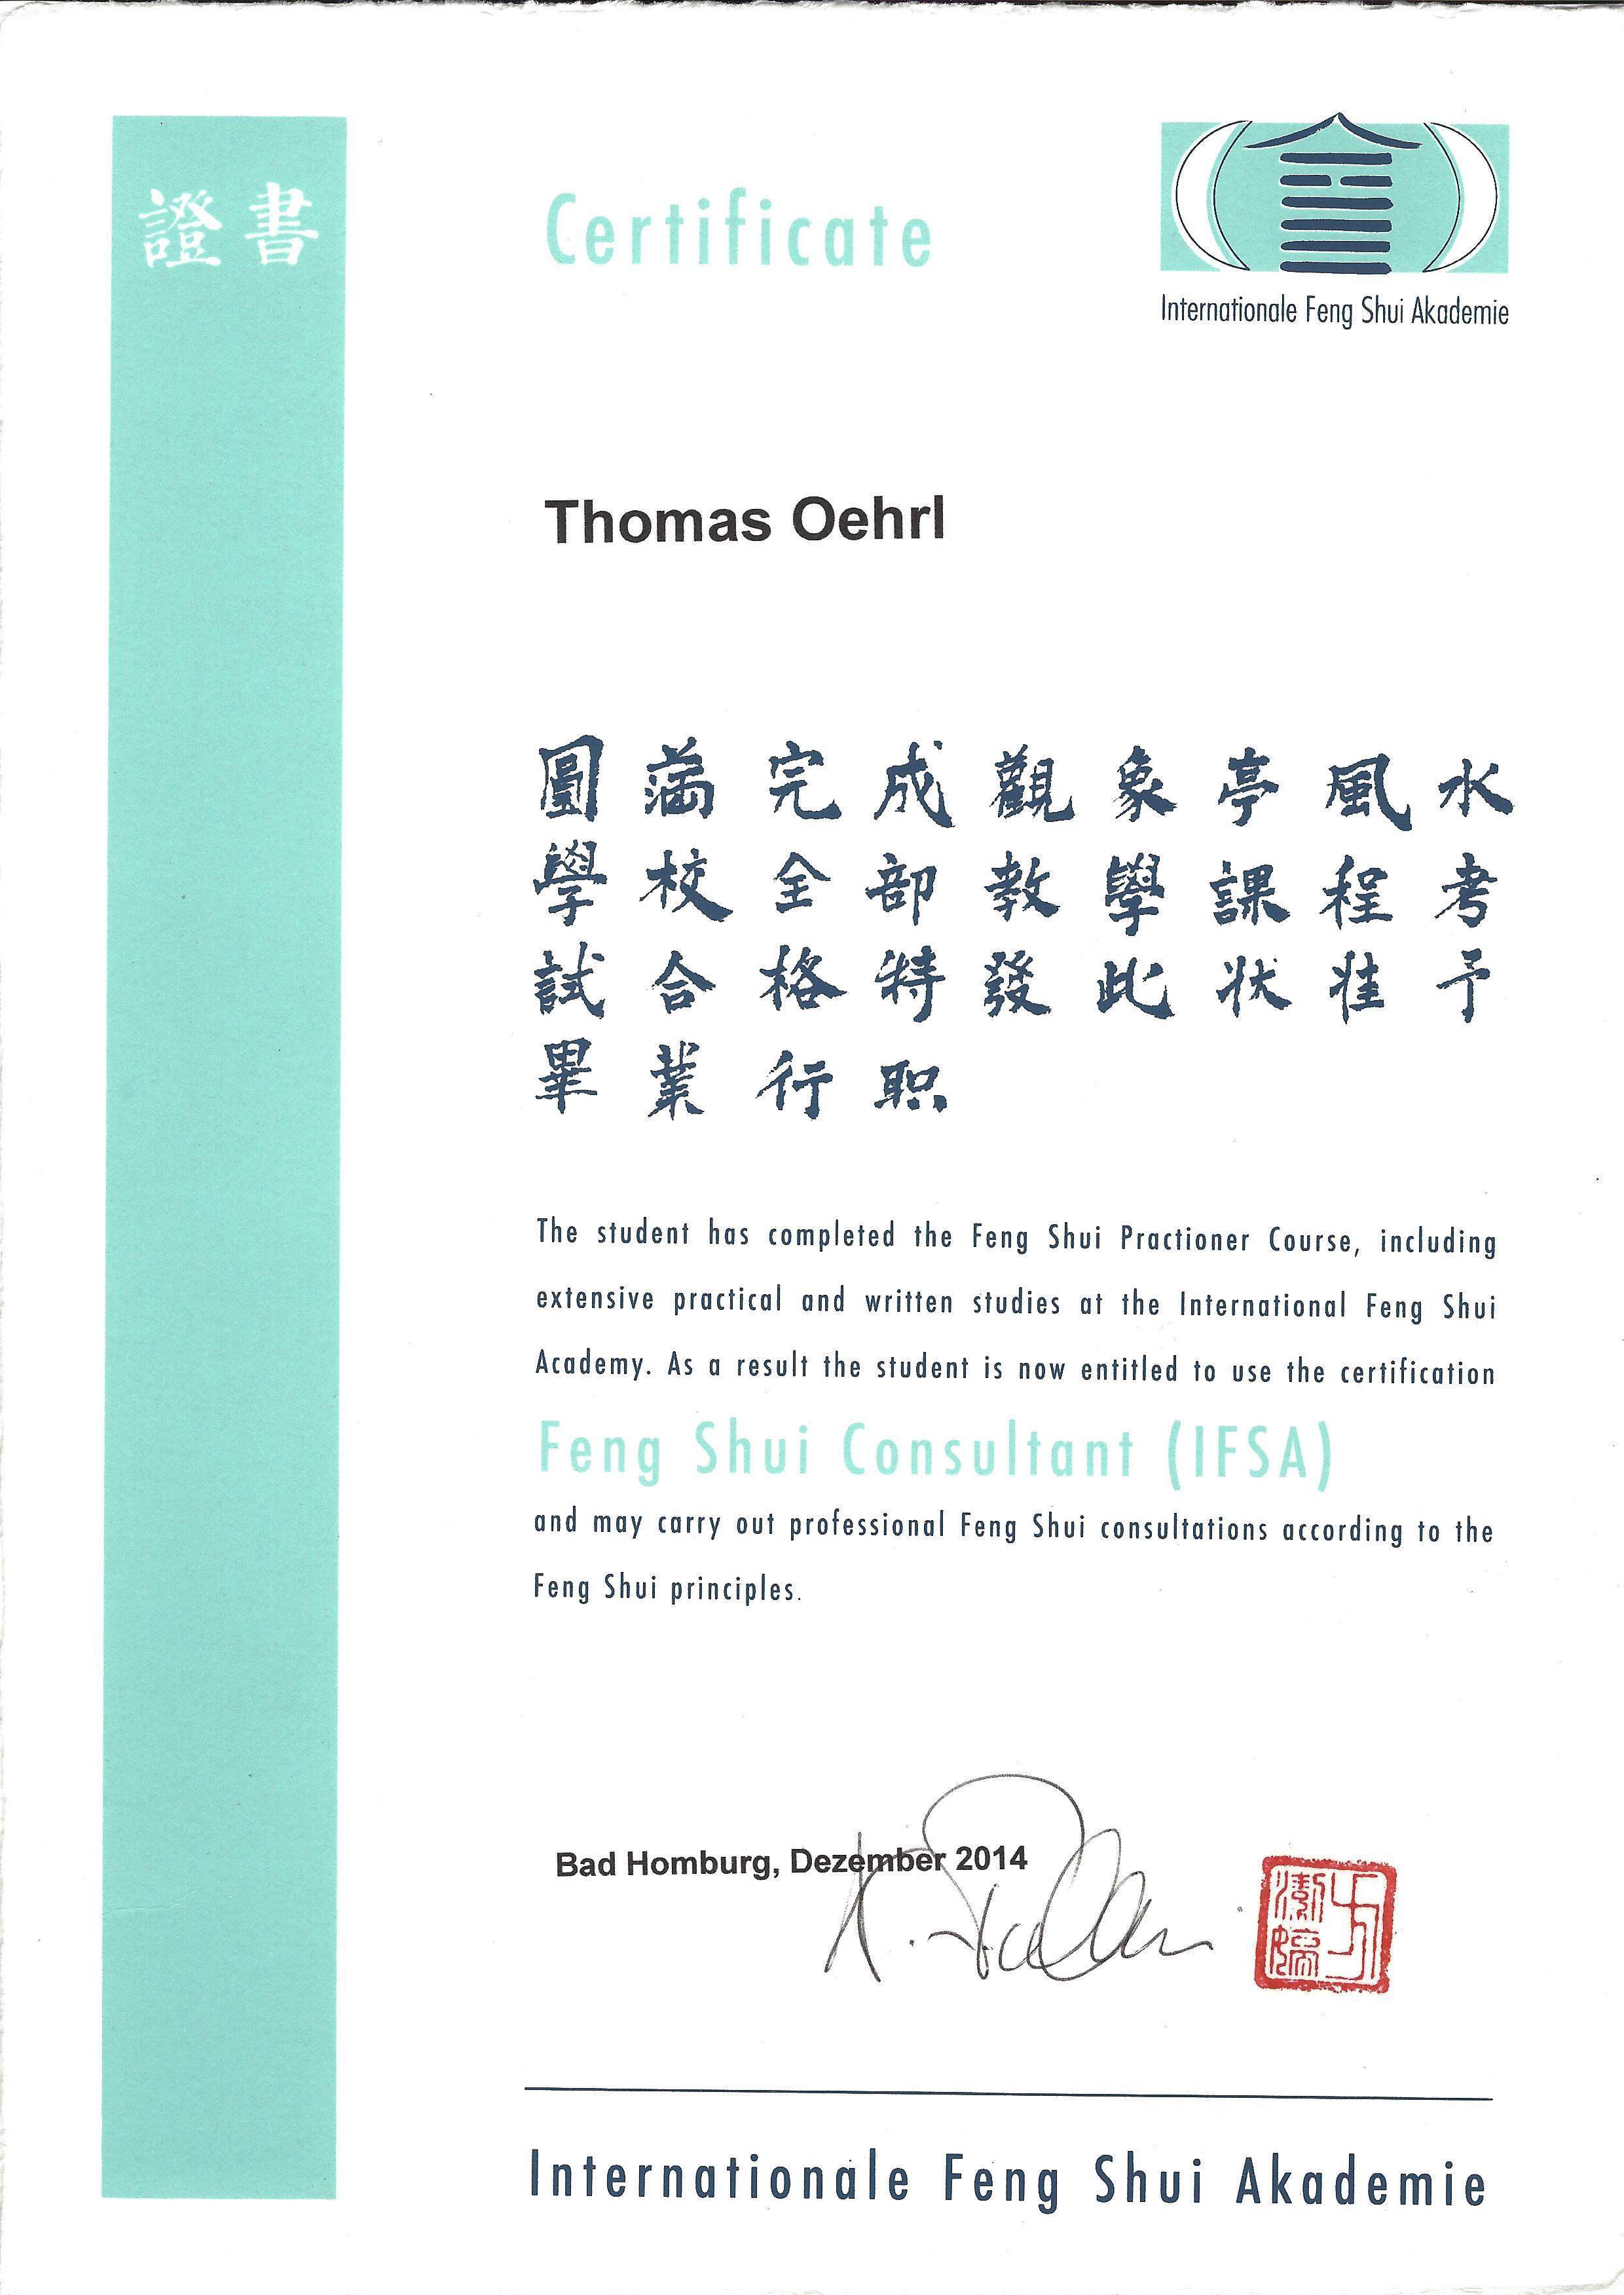 Fengshui Berater-Thomas Oehrl